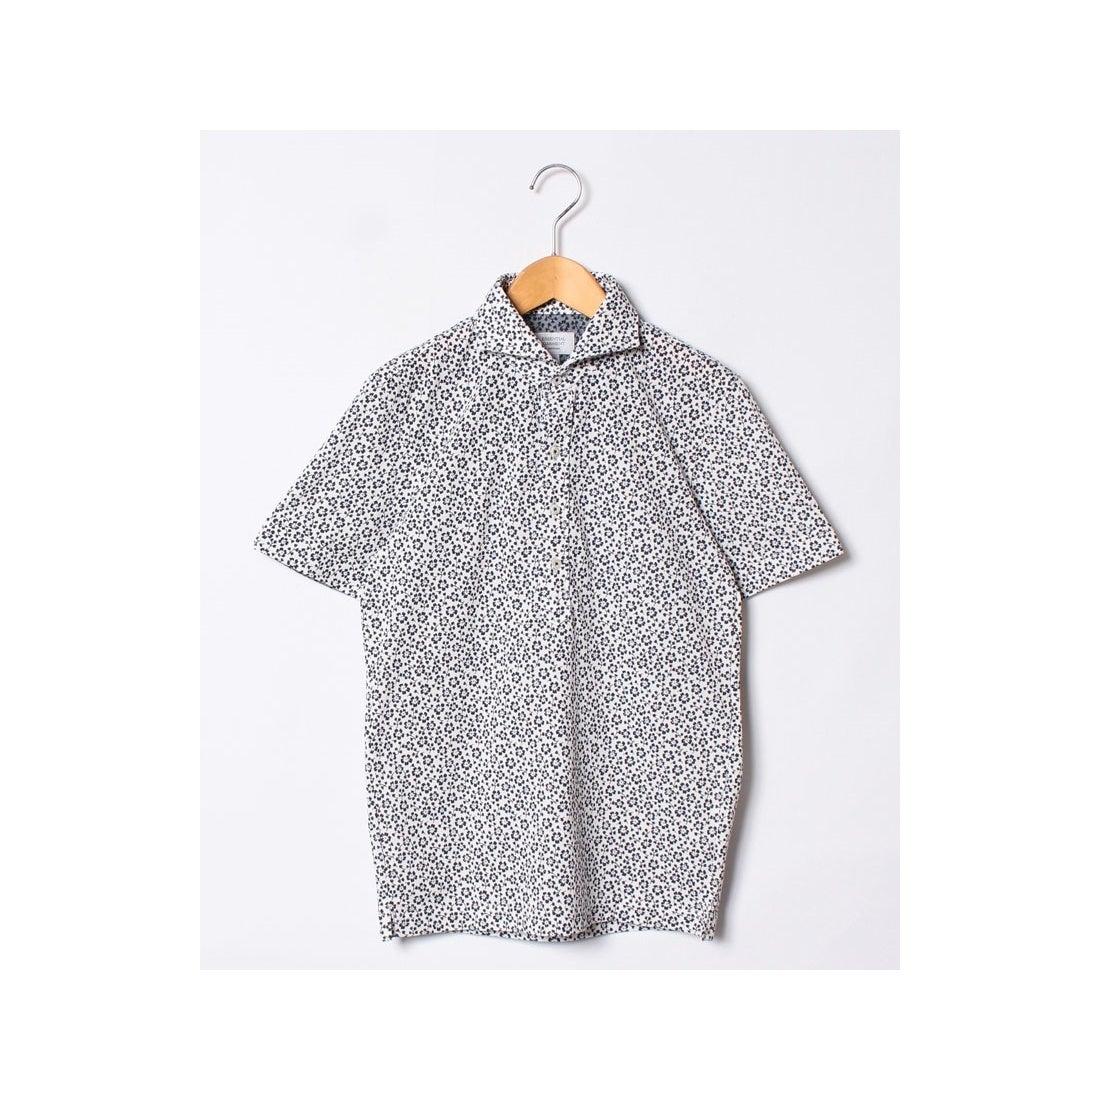 ロコンド 靴とファッションの通販サイトSSENTIALGARMENTMEN'SBIGIカノコ素材ポロシャツ/フラワープリント【JAPANMADE】(ホワイト)【返品不可商品】